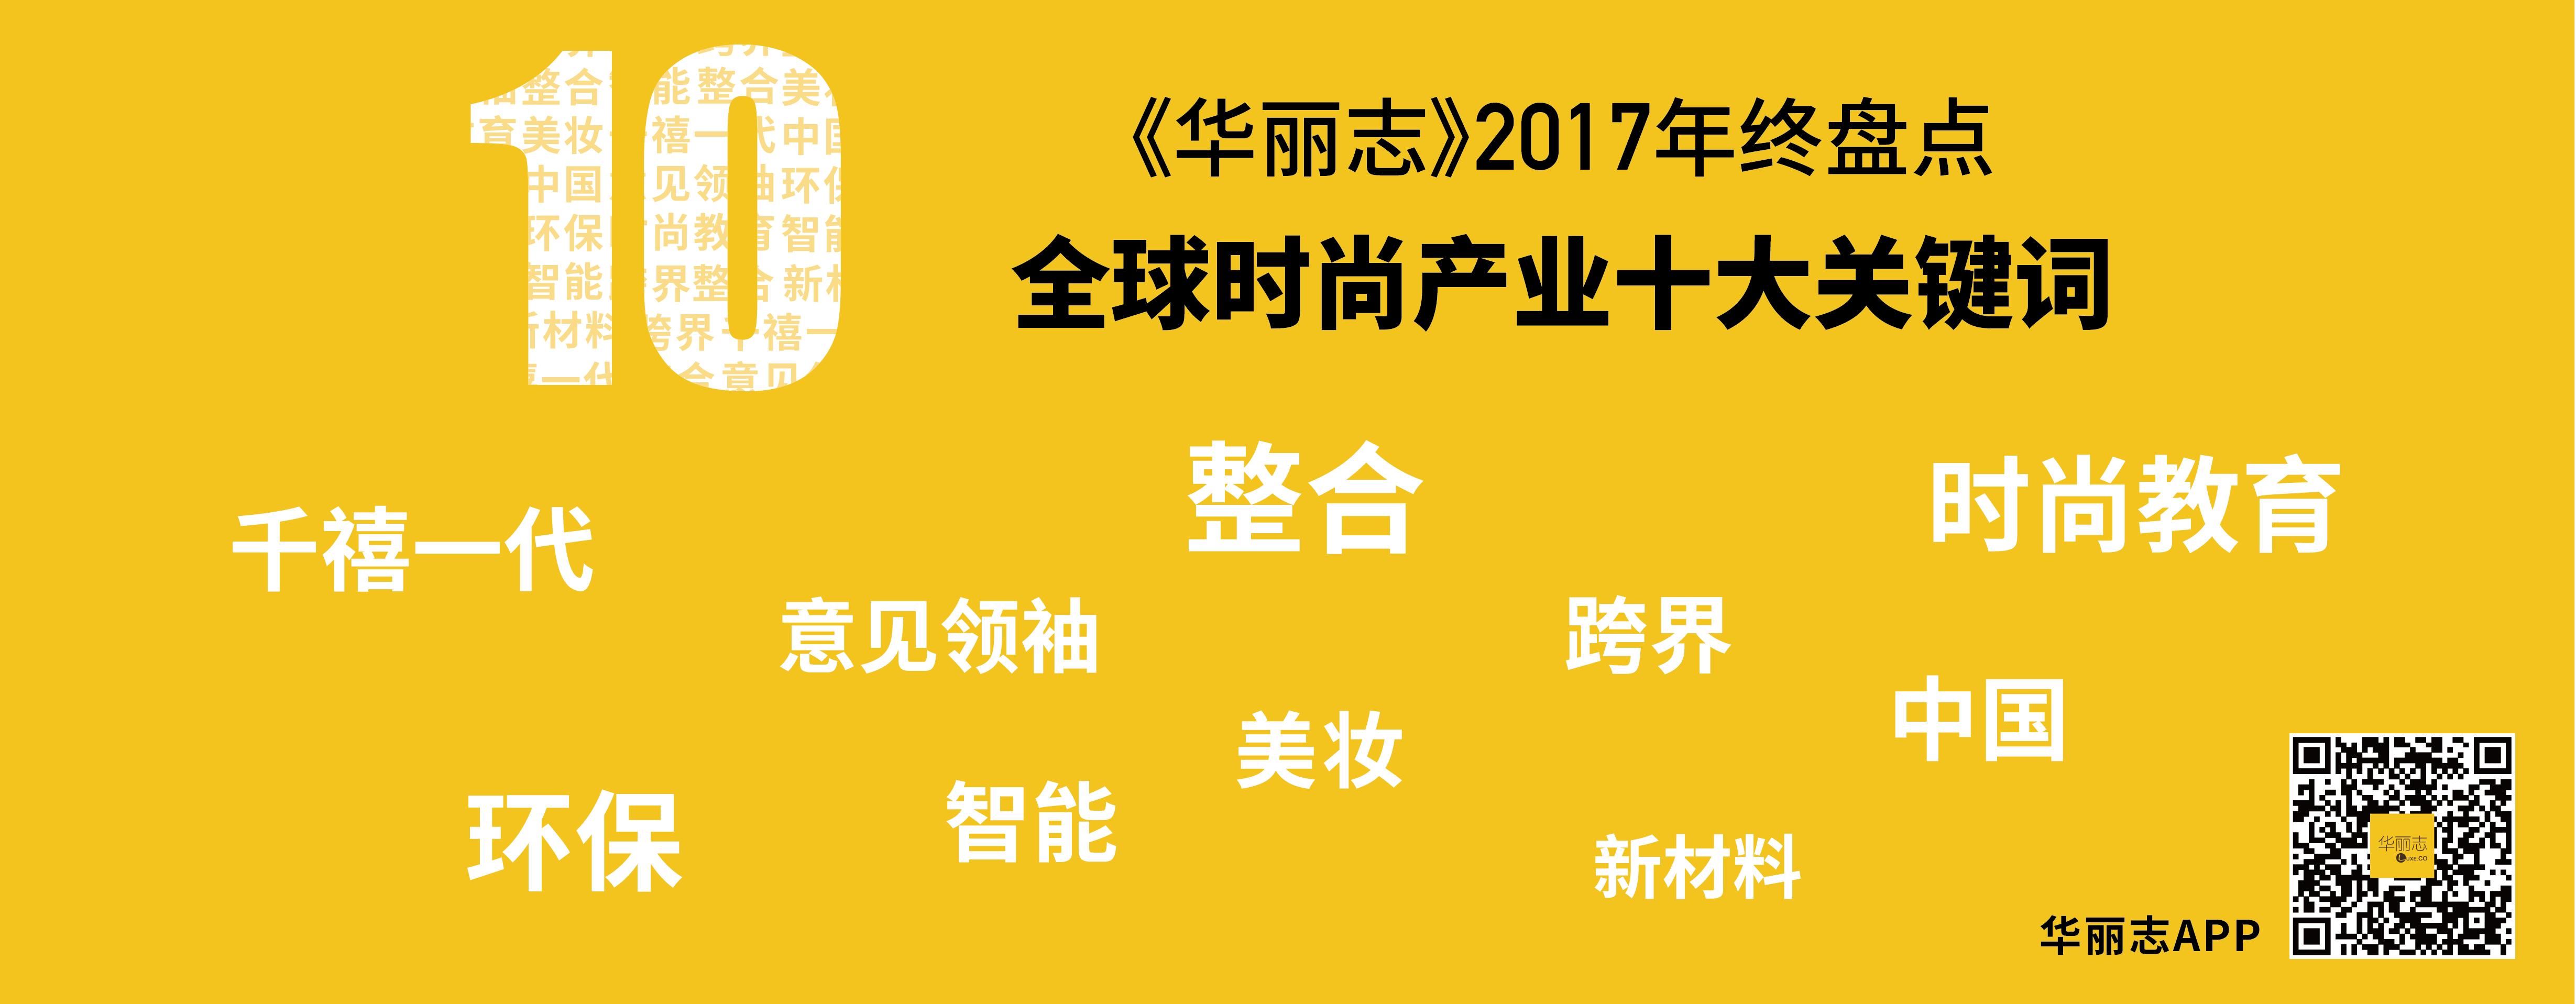 《华丽志》盘点2017年度全球时尚产业10大现象级关键词